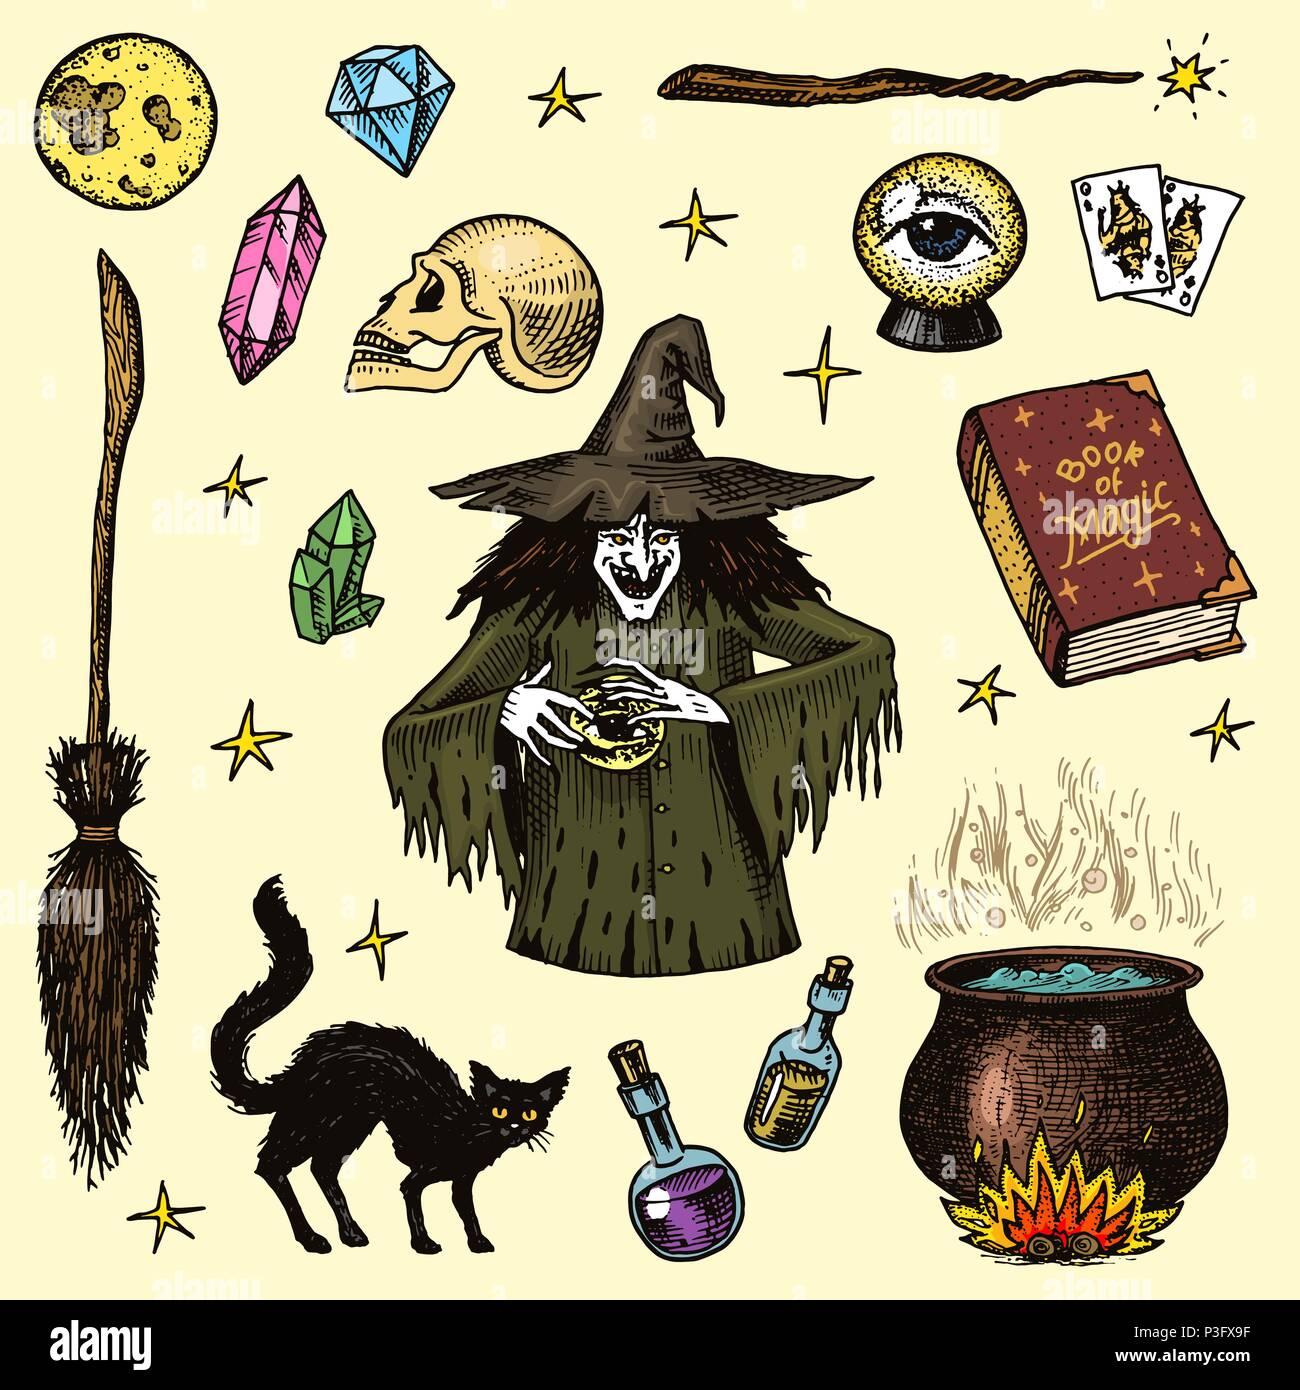 Best Cartoon Of A Voodoo Skull Tattoo Illustrations, Royalty-Free Vector  Graphics & Clip Art - iStock